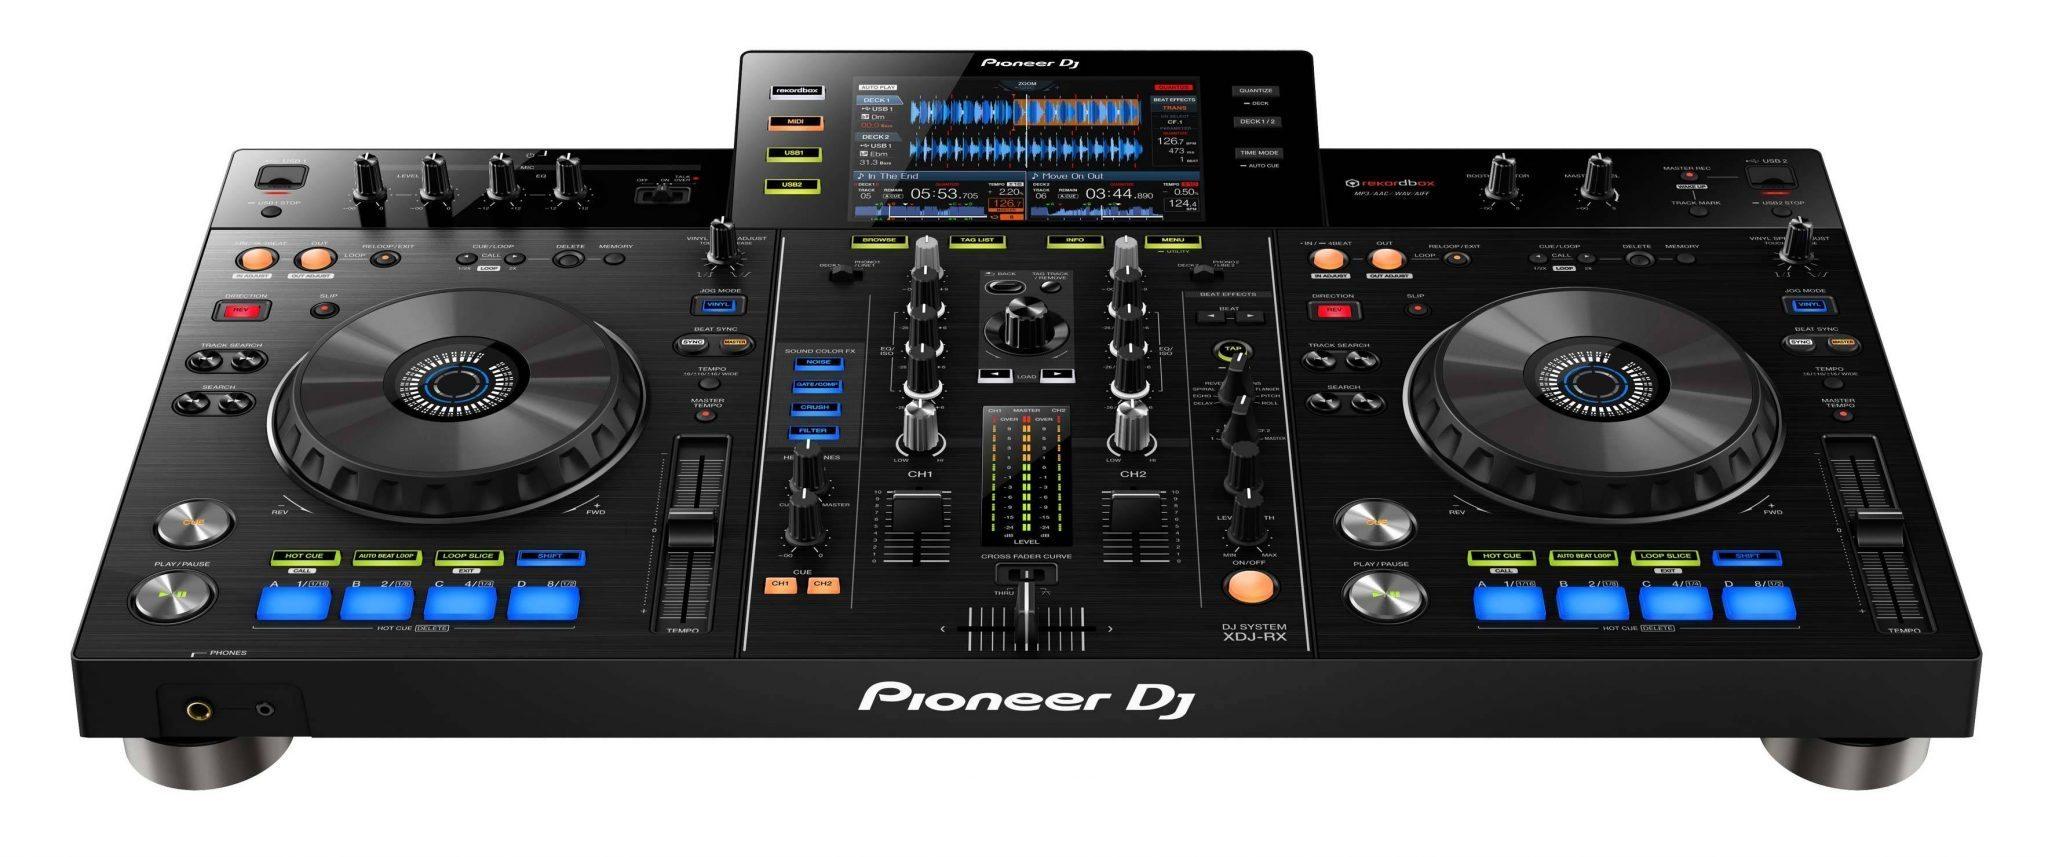 Pioneer D XDJ-RX rekordbox controller NAMM 2015 (5)